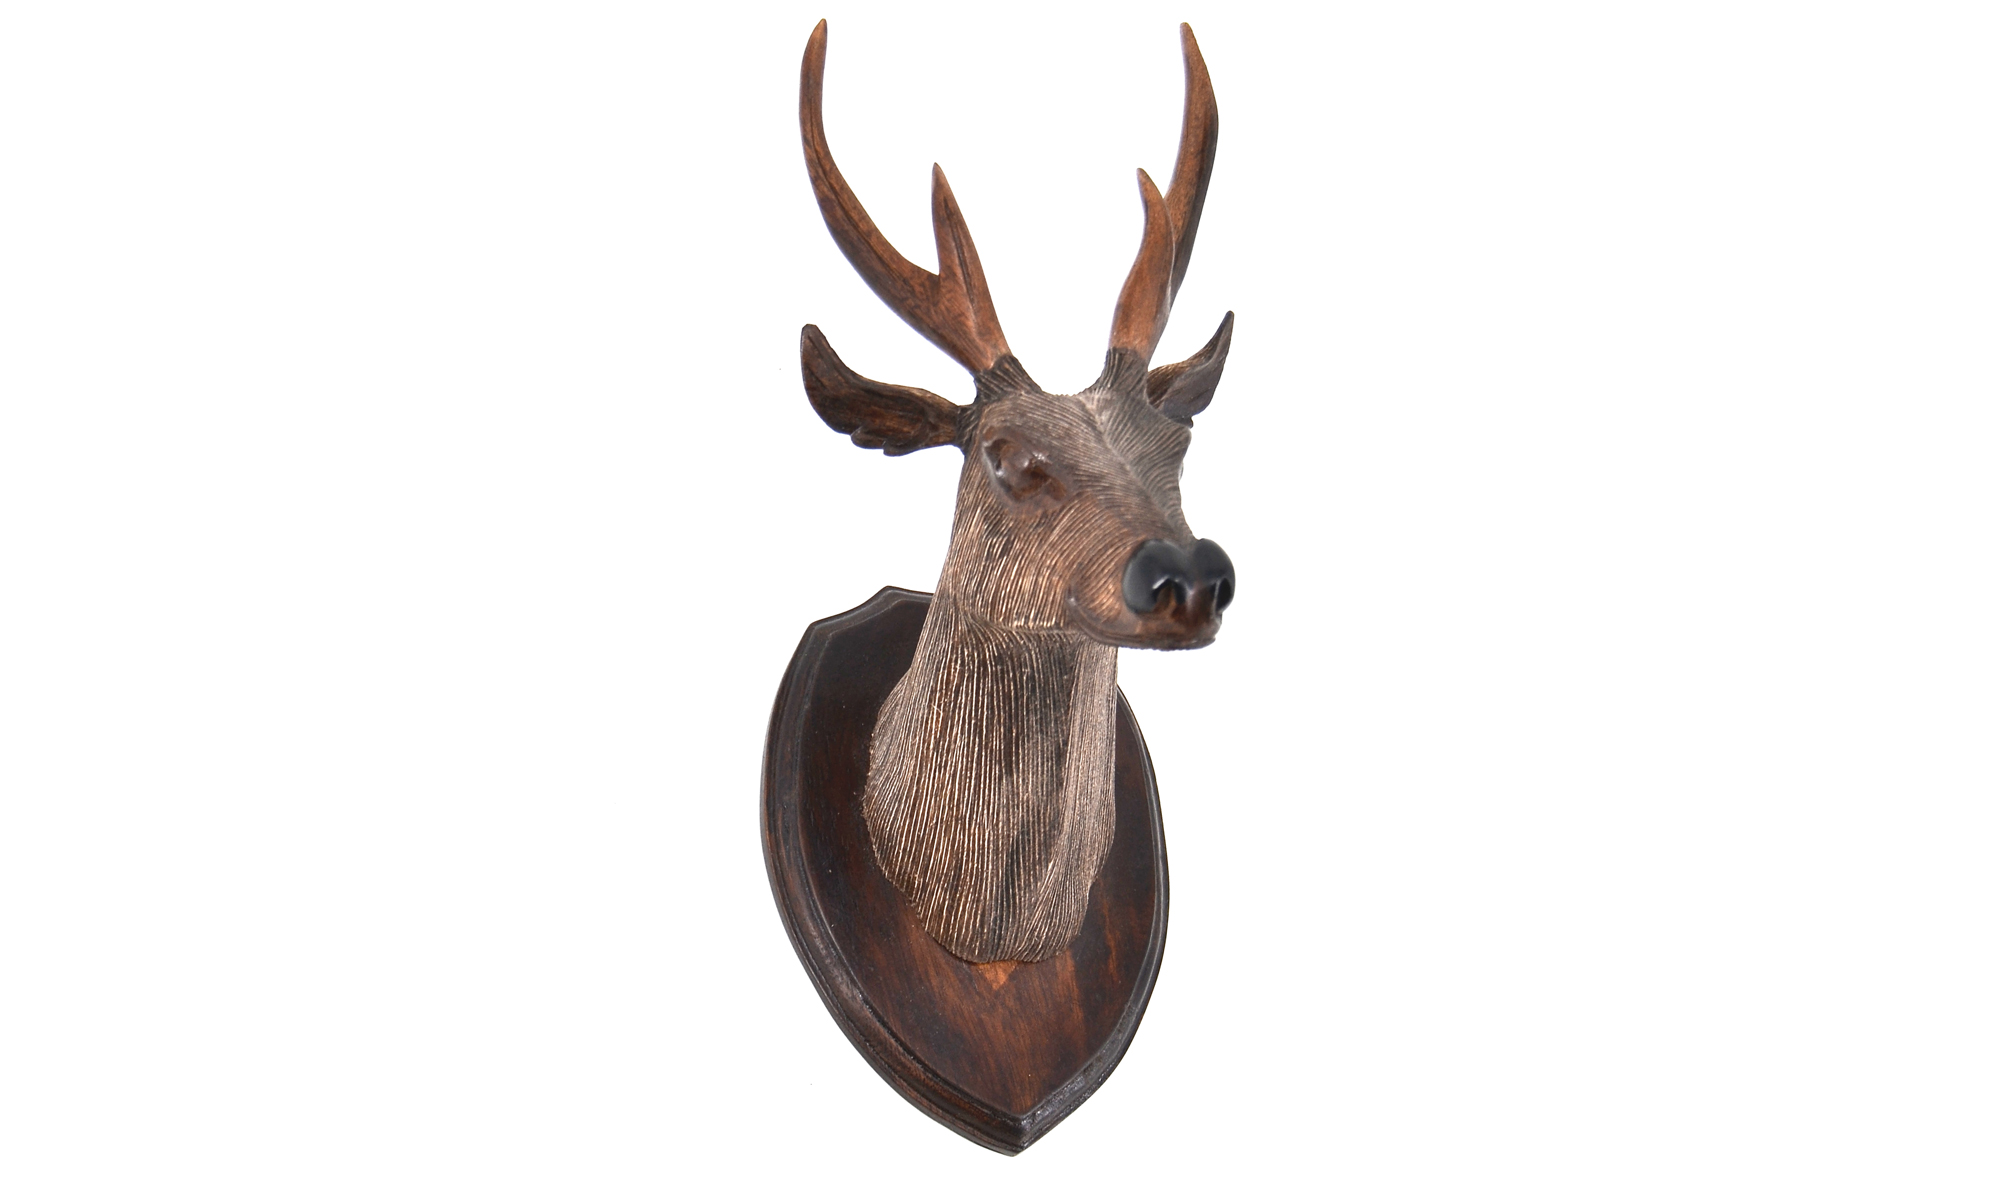 Cabeza ciervo madera tallada XS no disponible en Portobellostreet.es